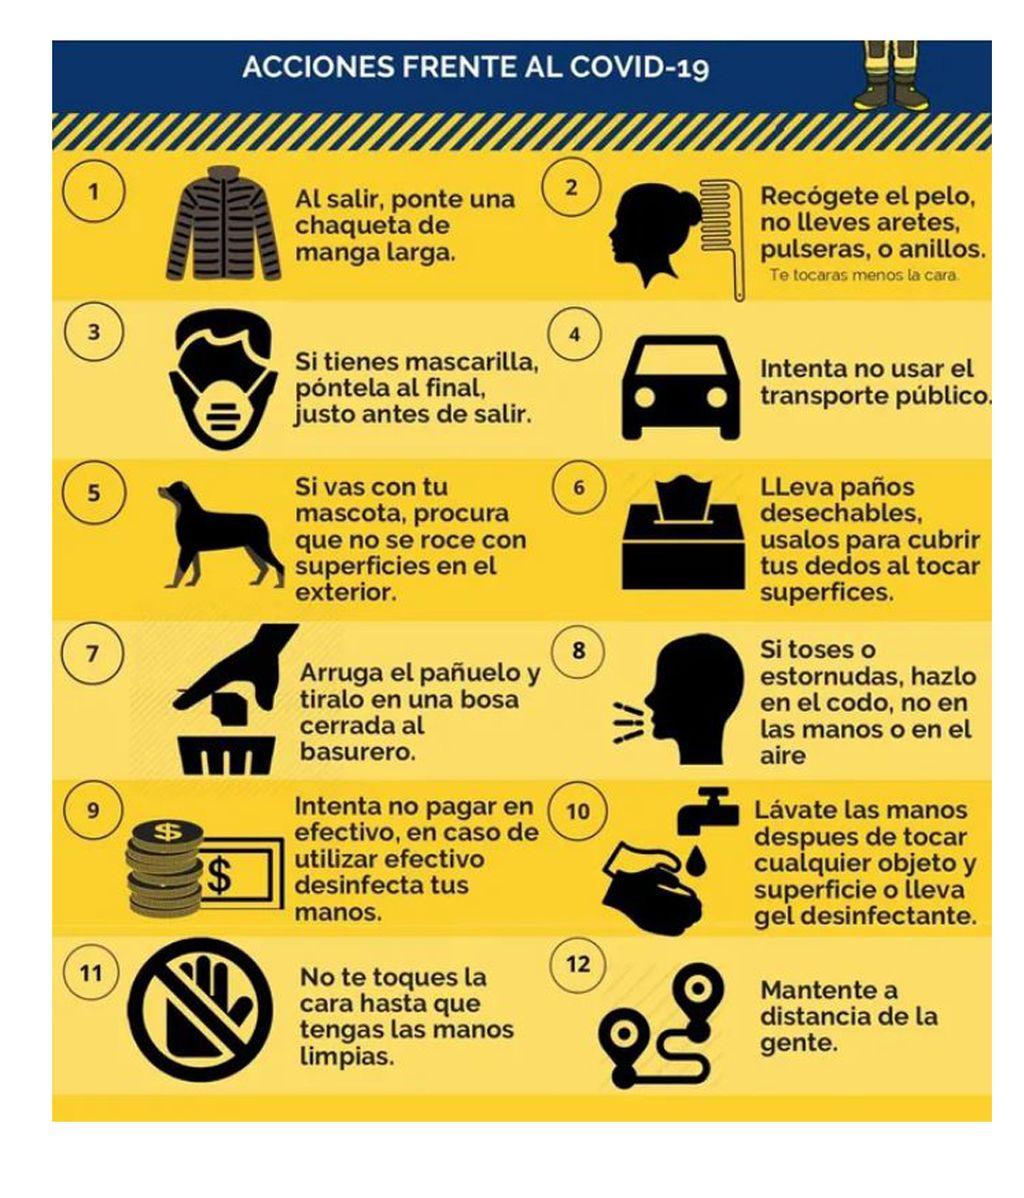 Medidas para salir seguros de casa